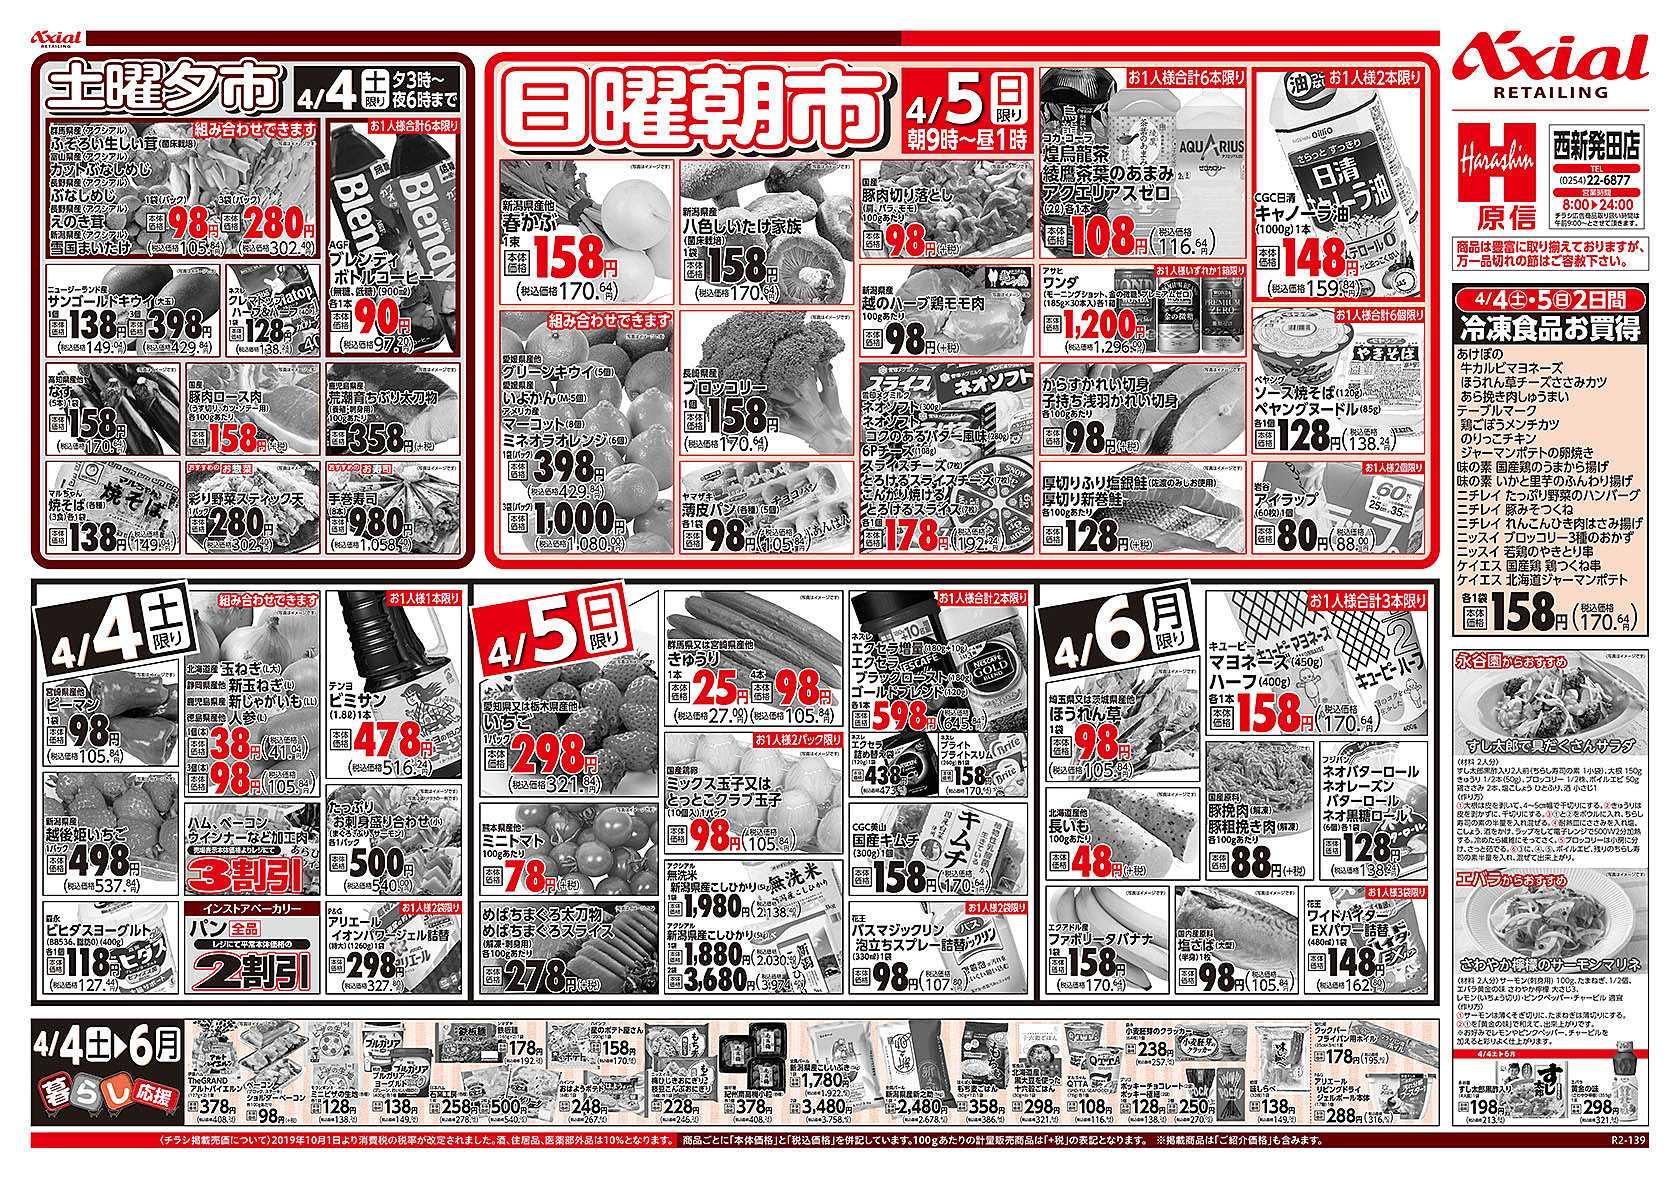 原信 西新発田店 4/4~6